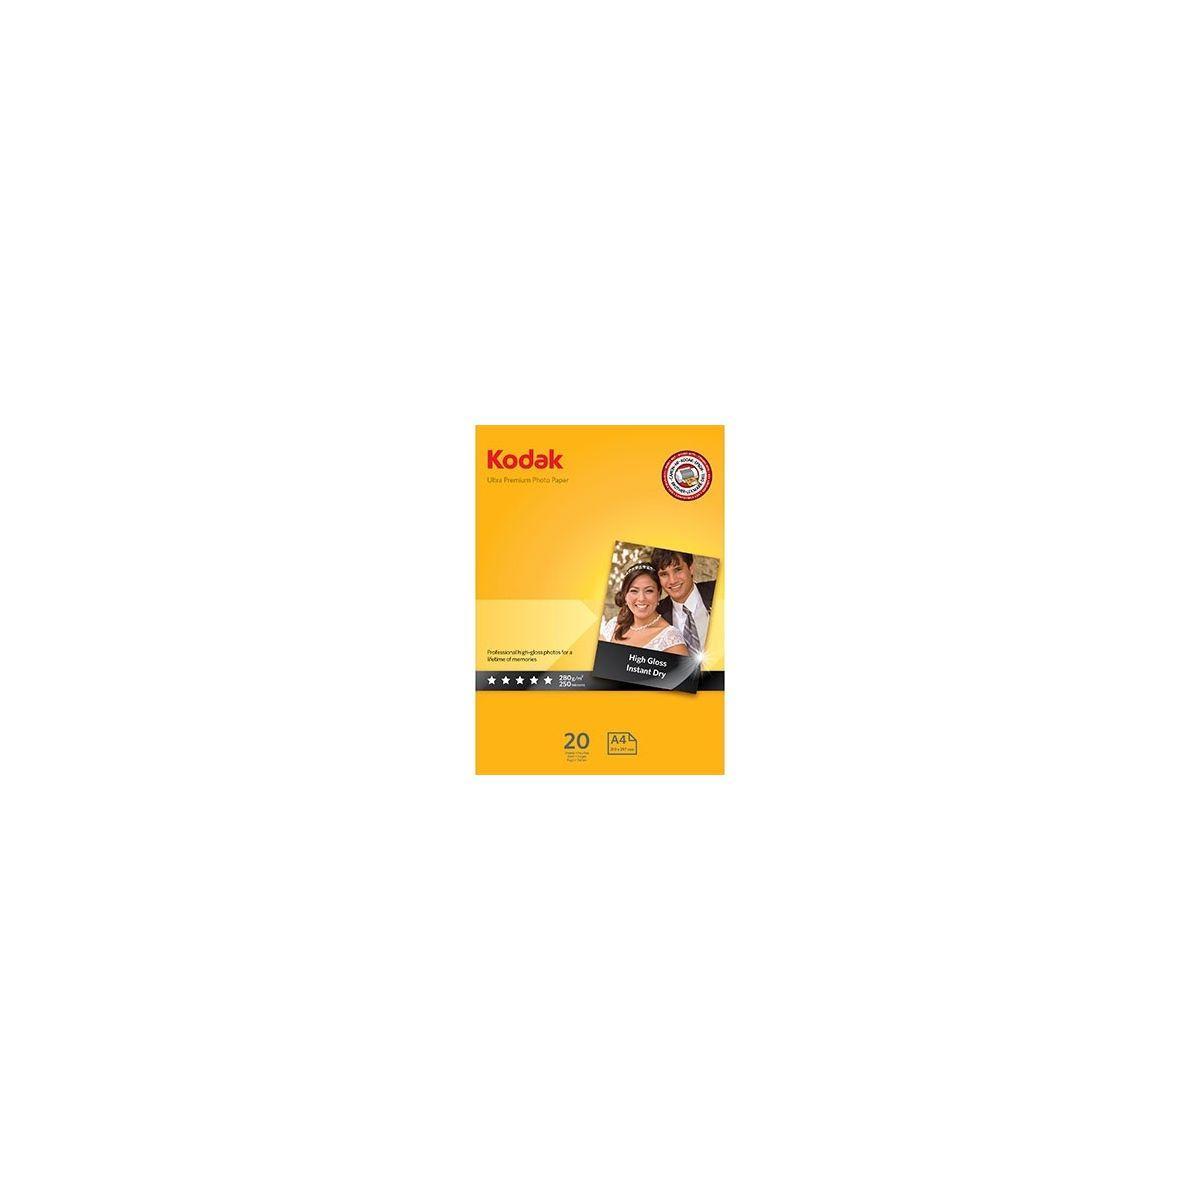 Papier essentielb photo high gloss ultra - 3% de remise immédiate avec le code : multi3